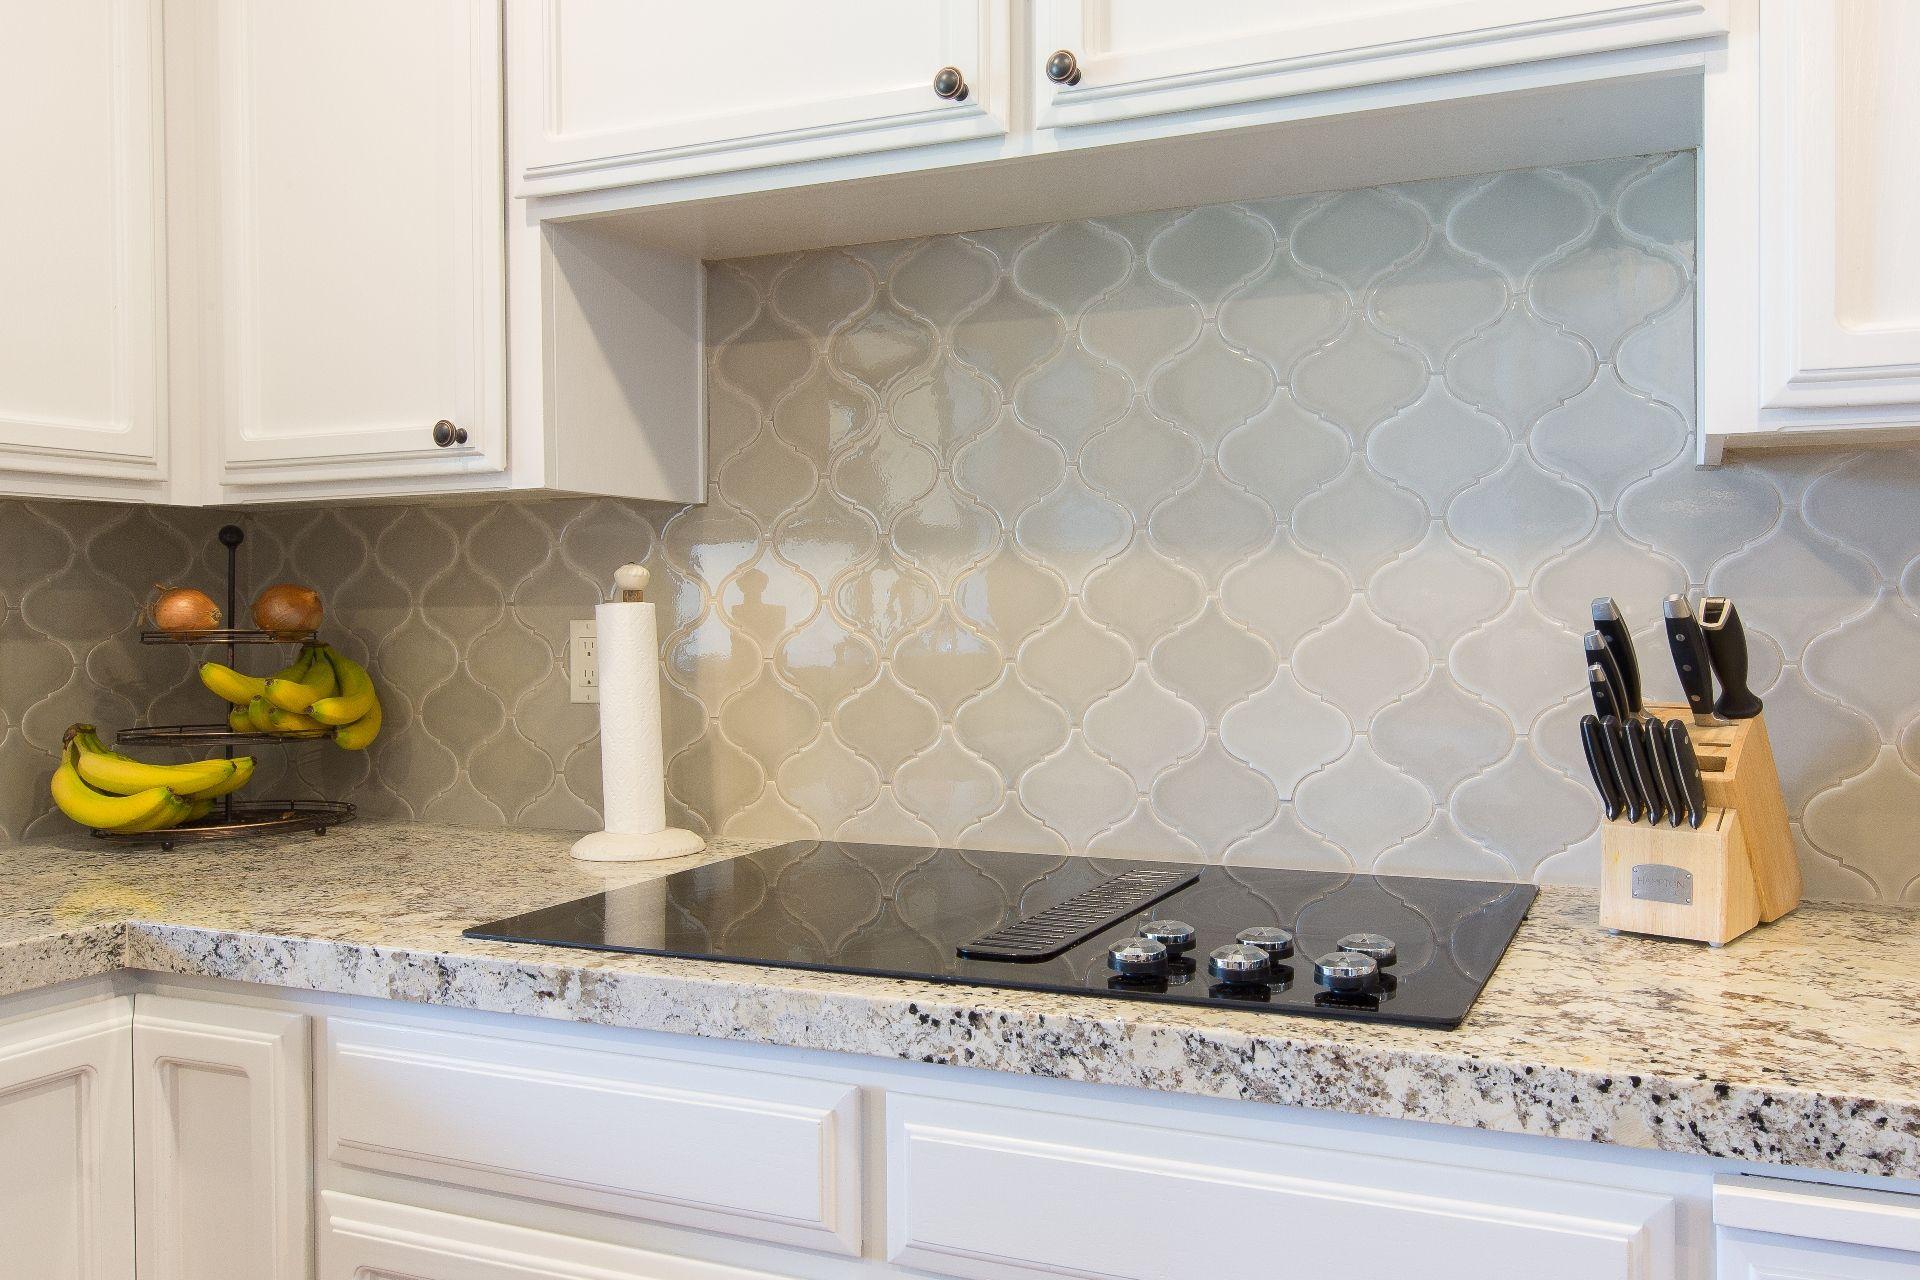 Arabesque Backsplash At Home Depot Home Depot Backsplash Kitchen Backsplash Pictures Glass Tile Backsplash Kitchen